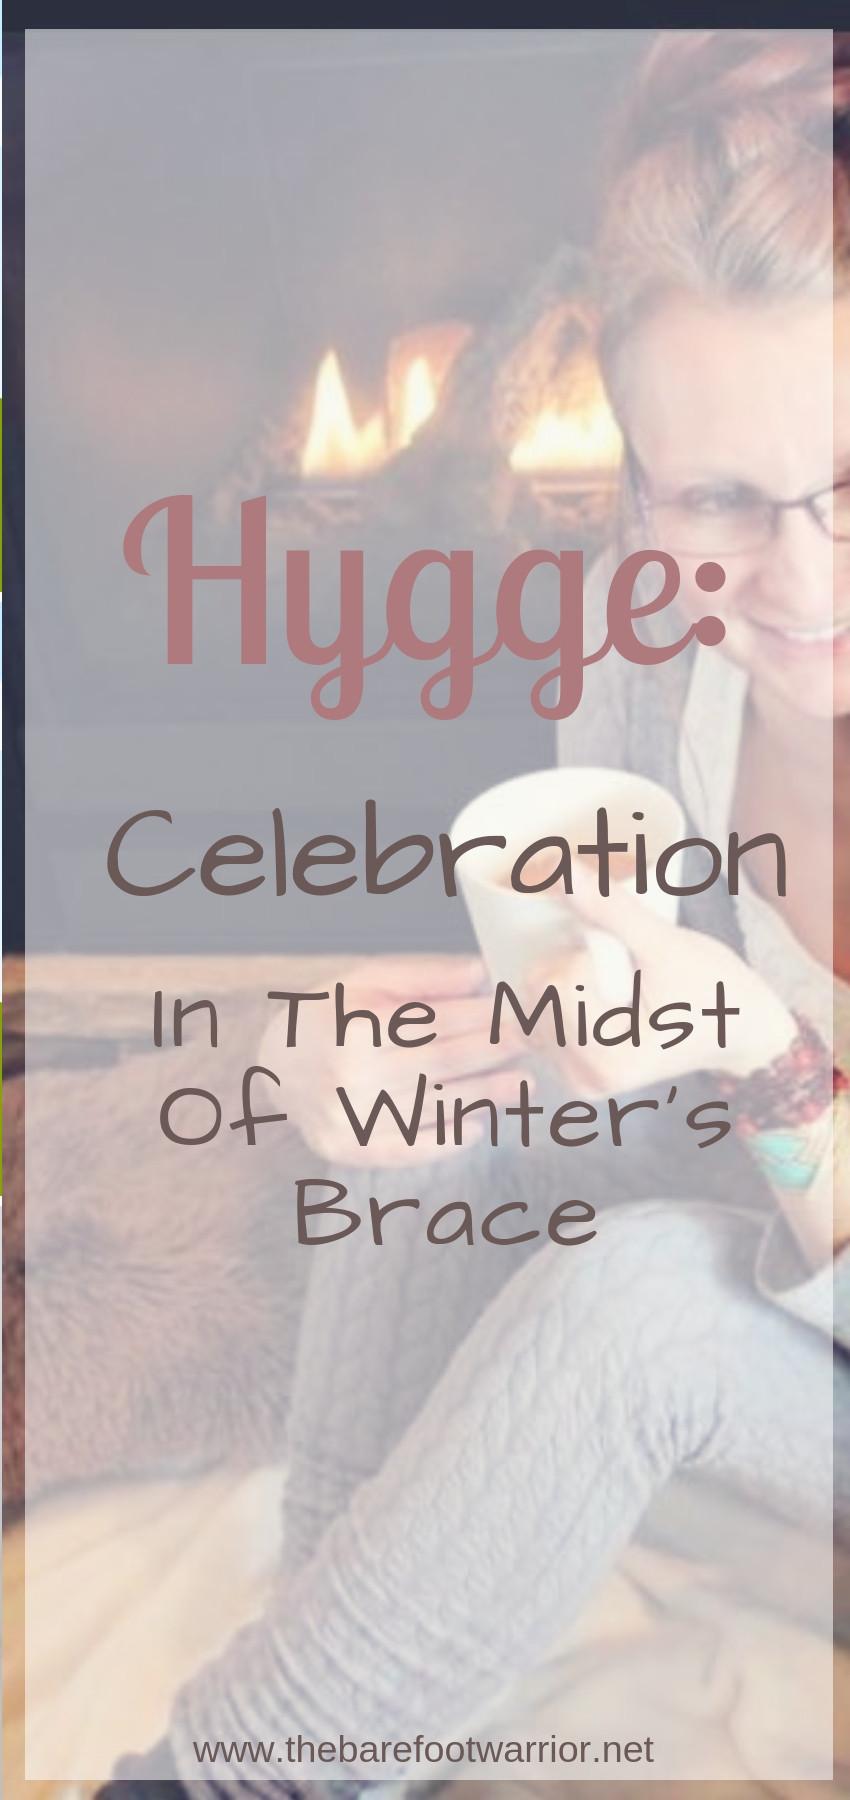 Hygge, Celebration In Winter